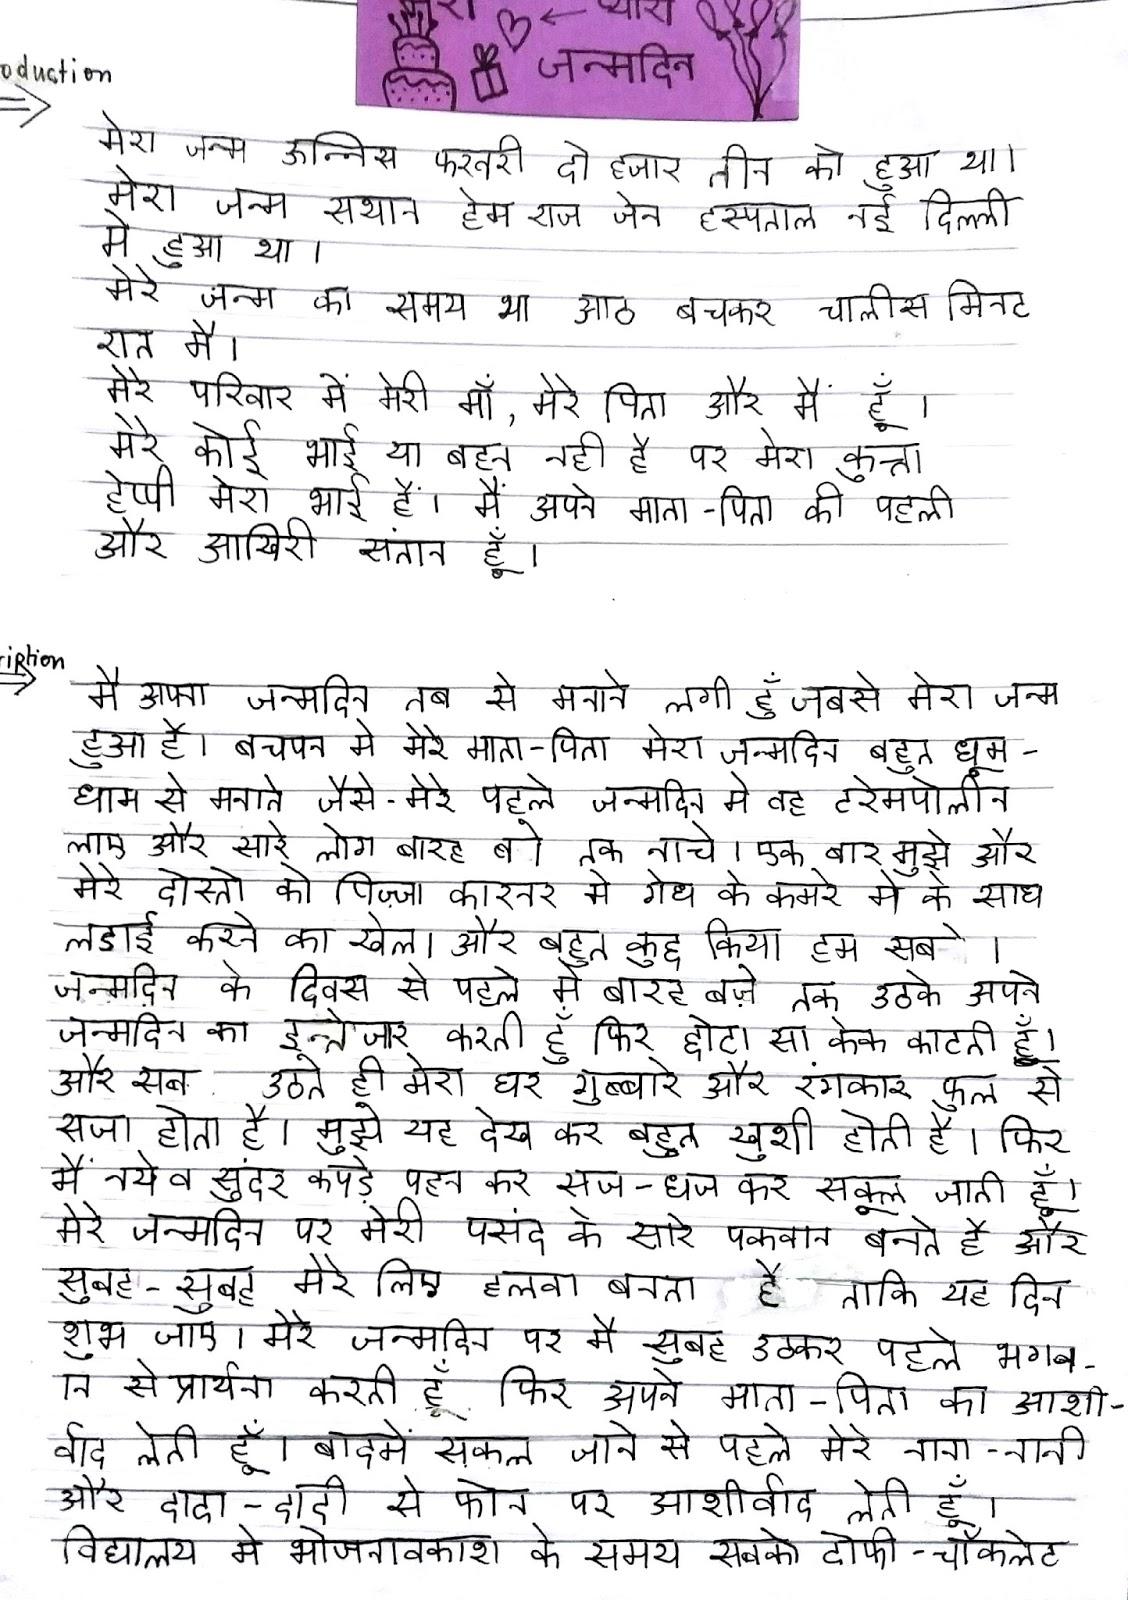 mera janamdin Ssdn bhajan , janamdin bhajan, bithday bhajan - data jad vi bulave  tu hi to  hai data mera bhagya vidhata mera , hum bhi hai tere apne.